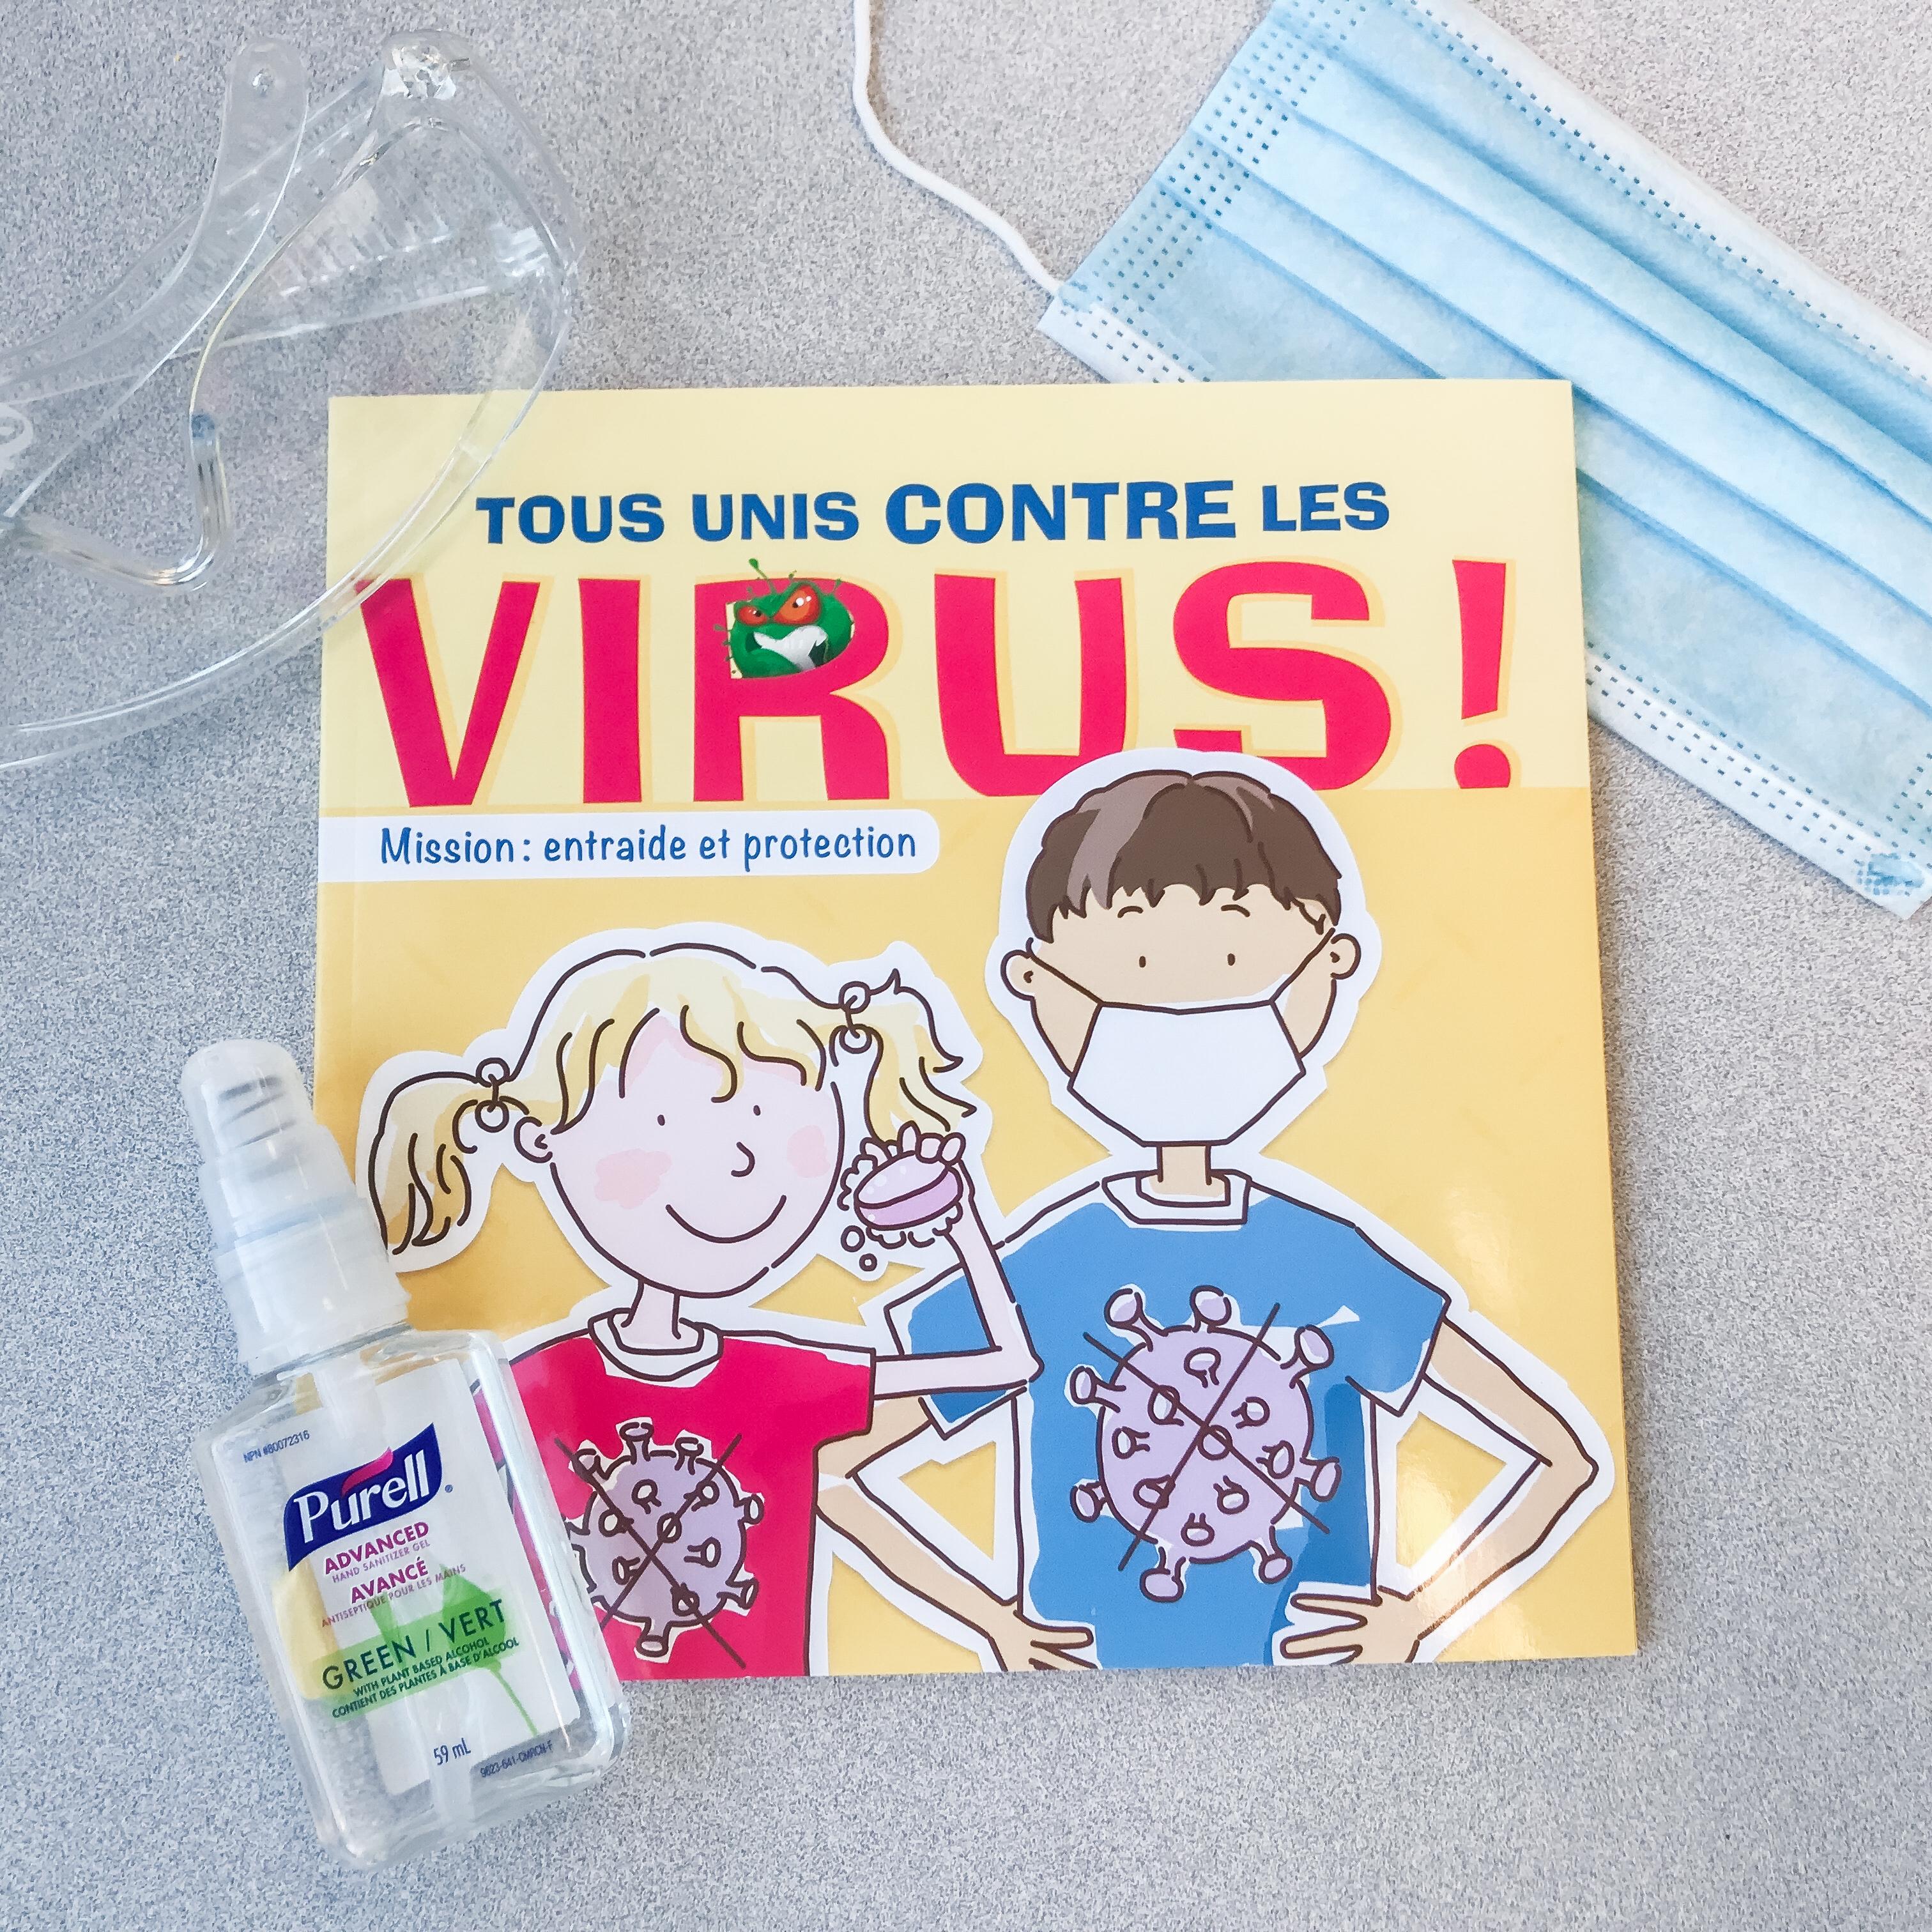 Tous unis contre les virus (Crackboom)